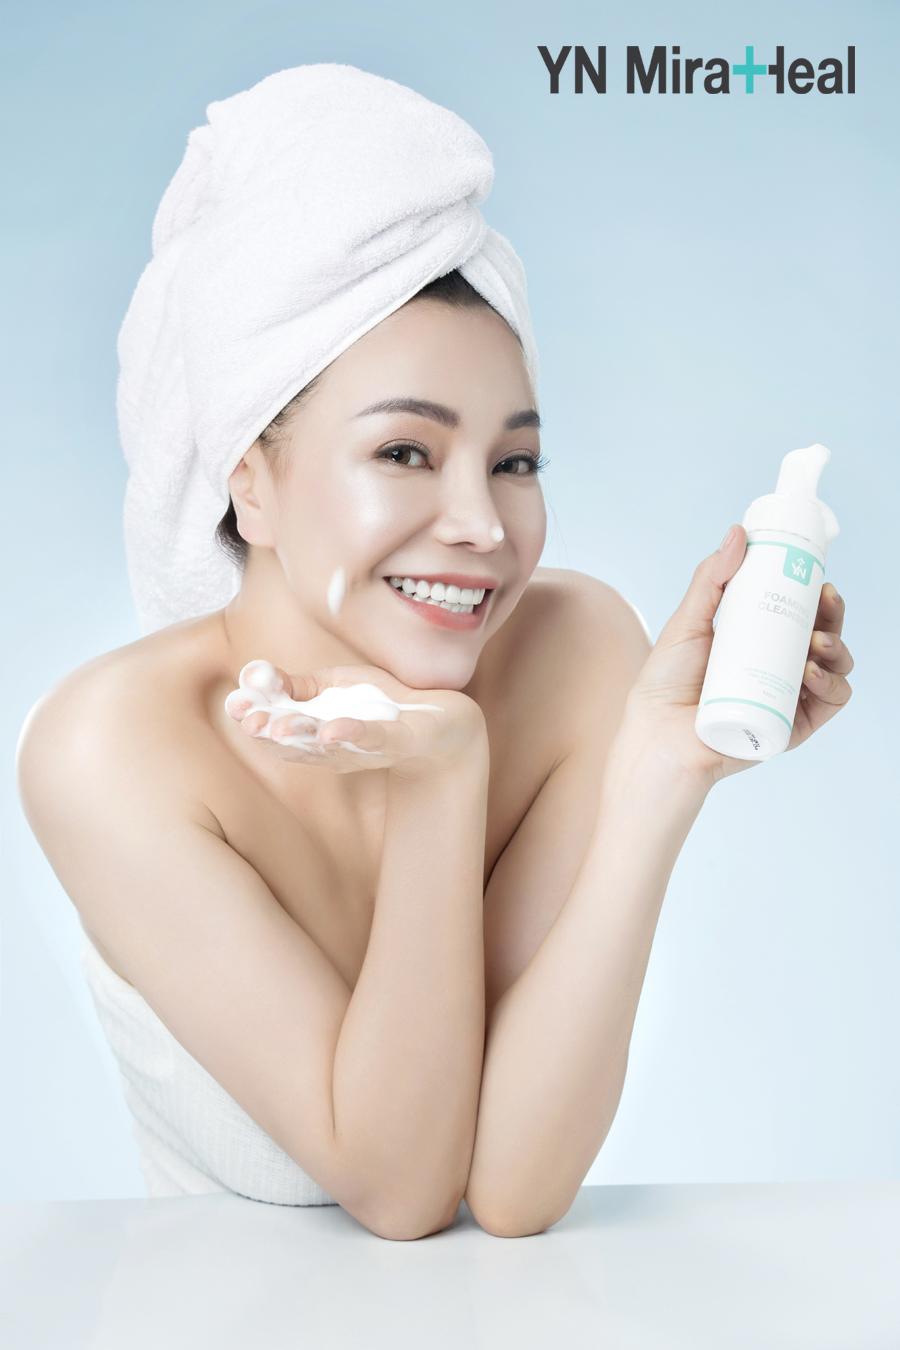 Ưu tiên sử dụng các loại sữa rửa mặt dạng bọt, lành tính với làn da